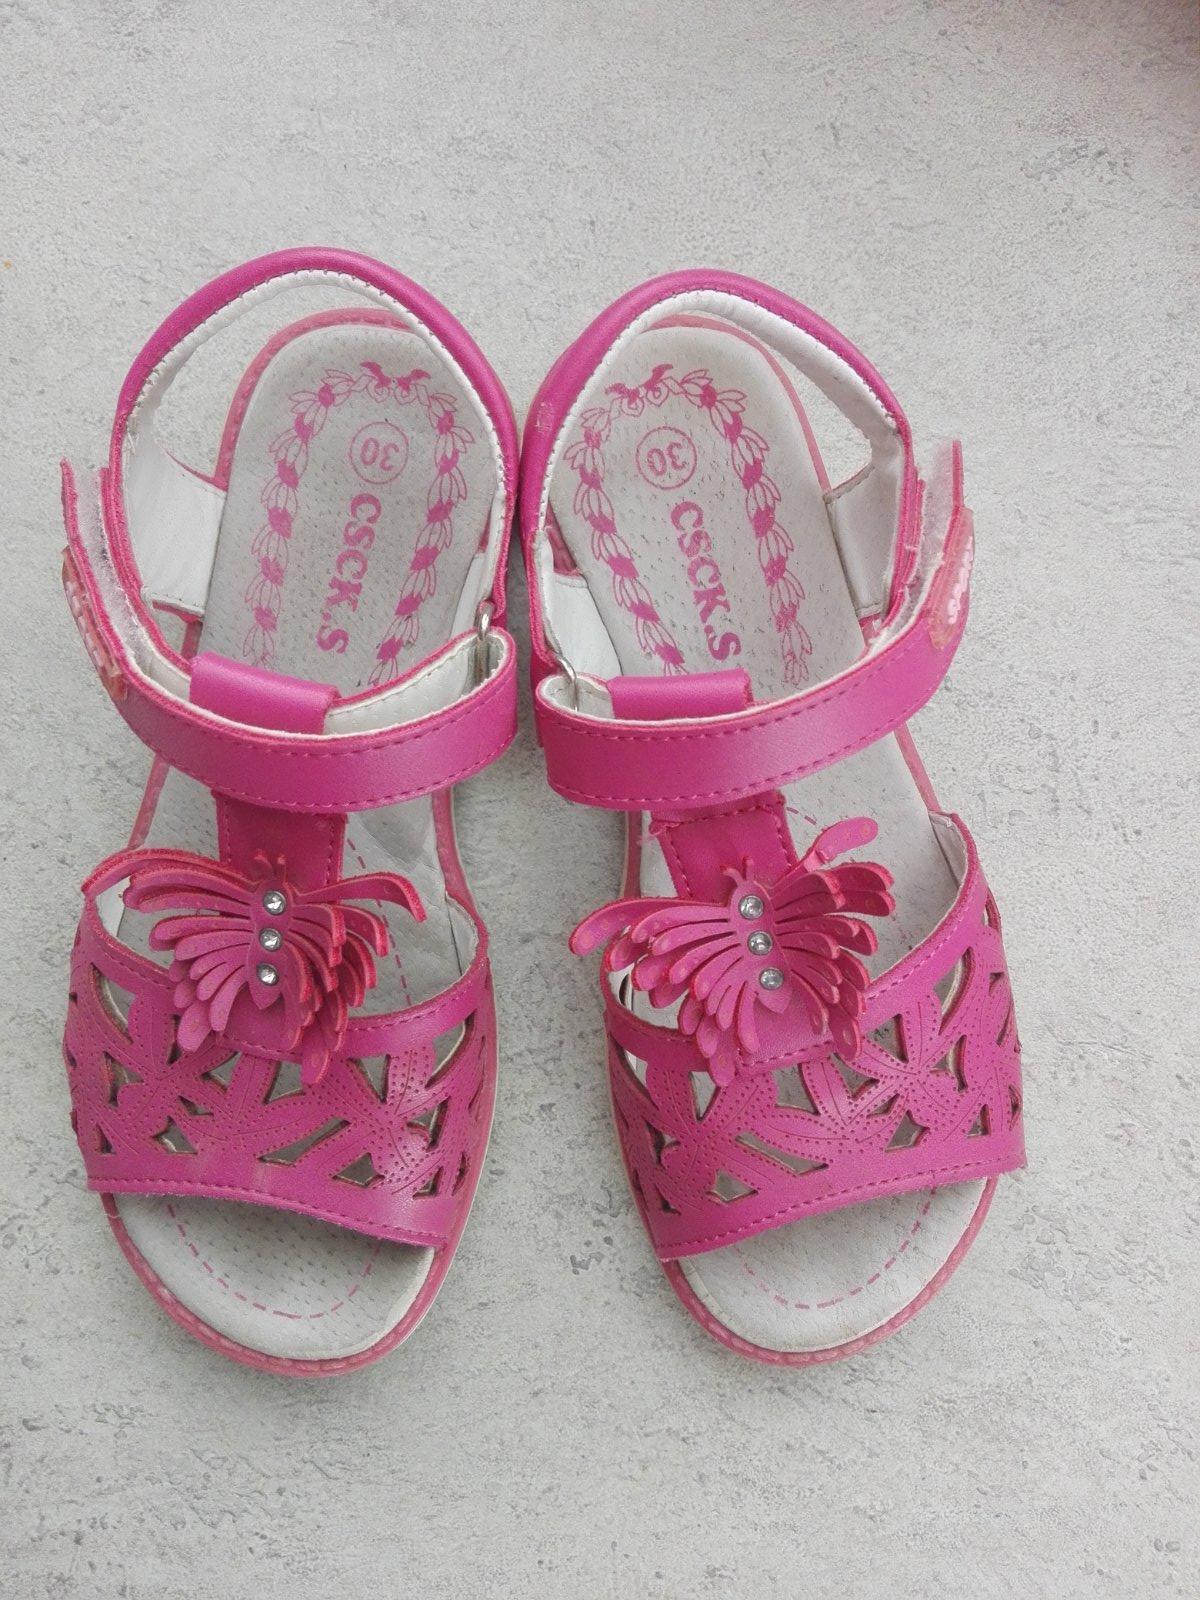 ruzove sandalky - Obrázok č. 1